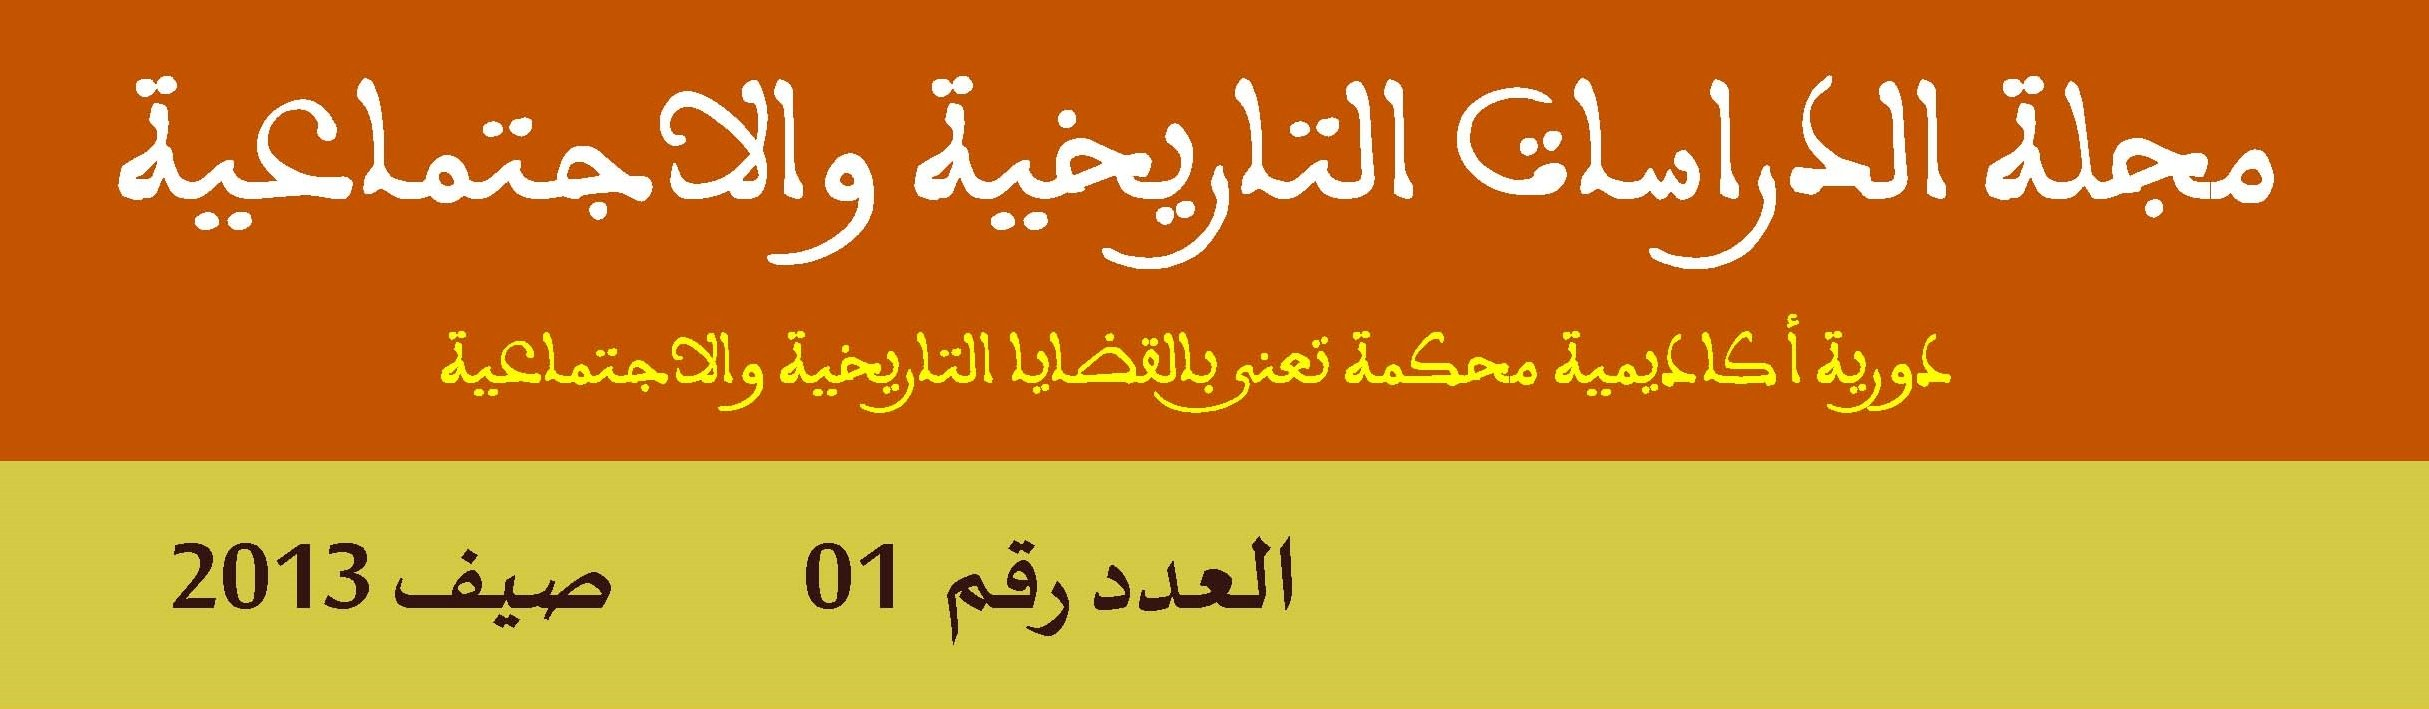 مجلة الدراسات التاريخية والاجتماعية